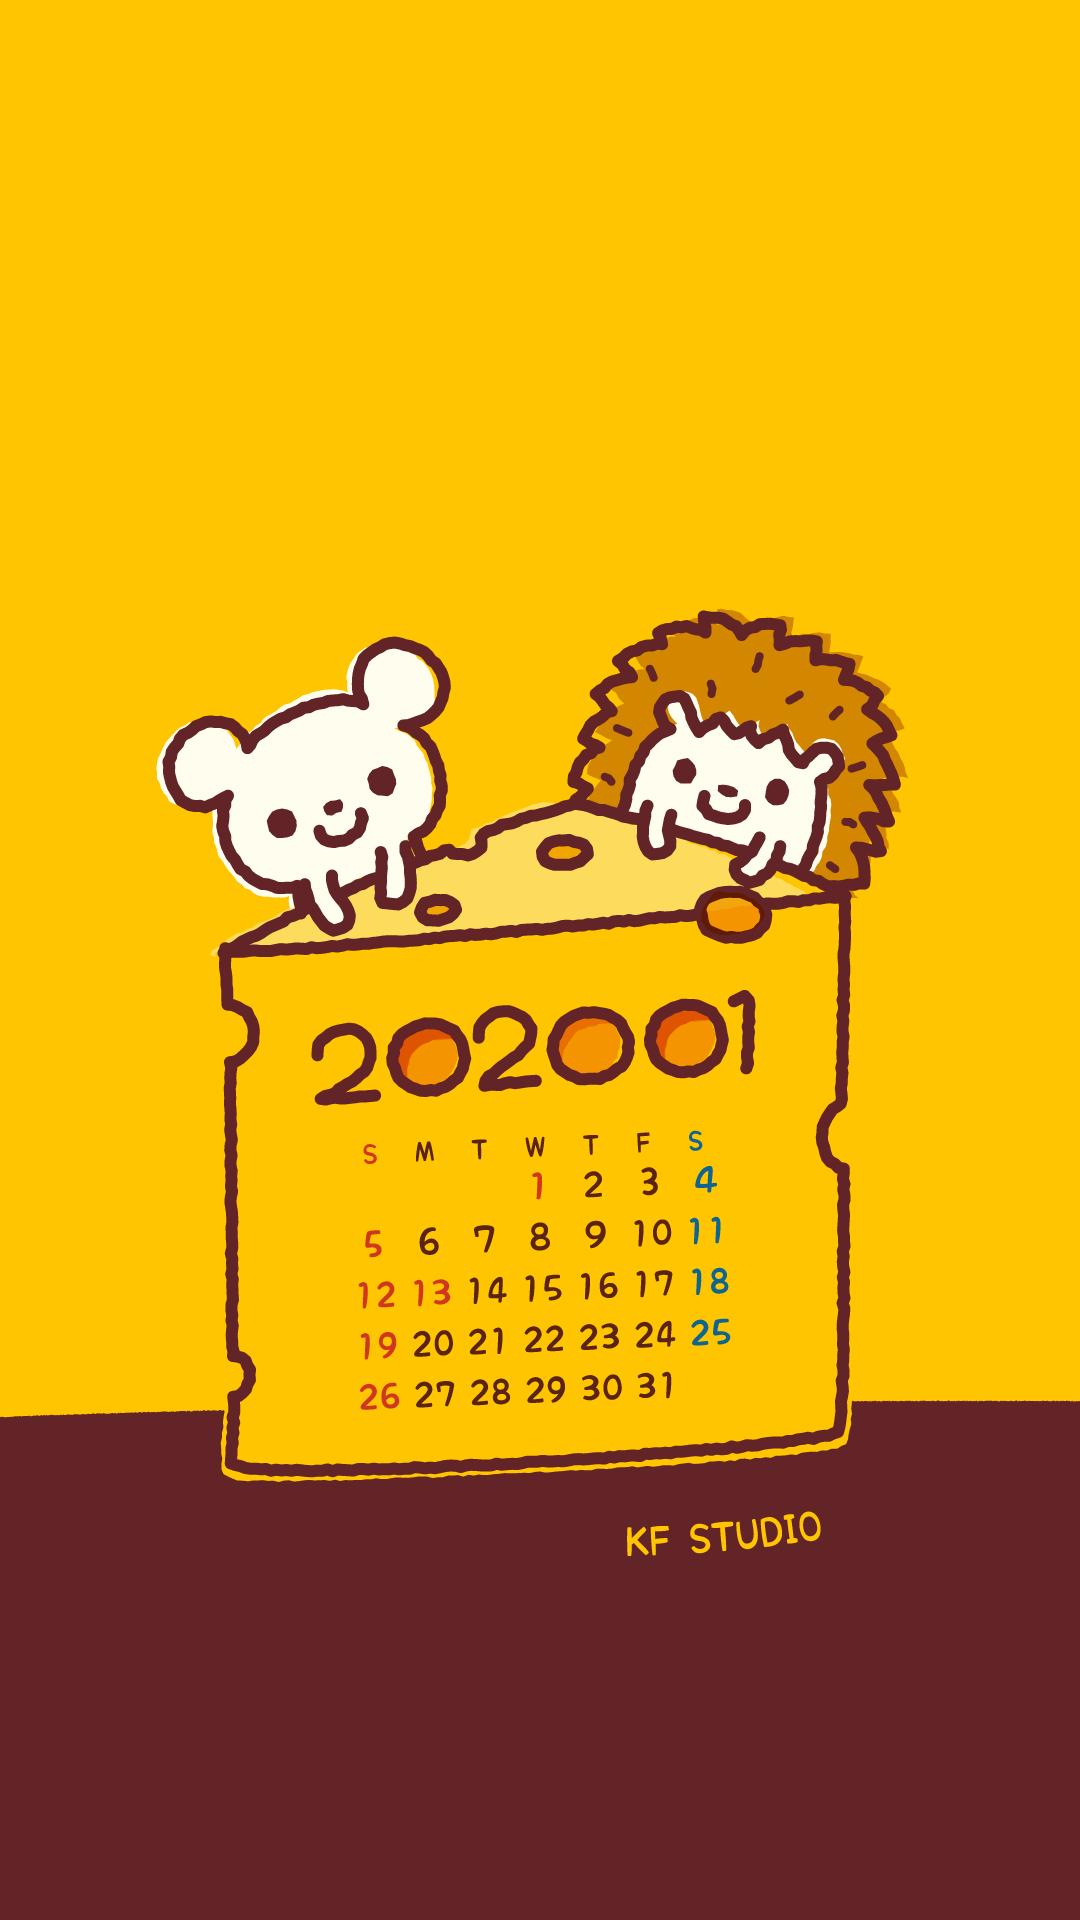 無料印刷可能カレンダー 壁紙 Iphone 2020 ただのアニメ画像